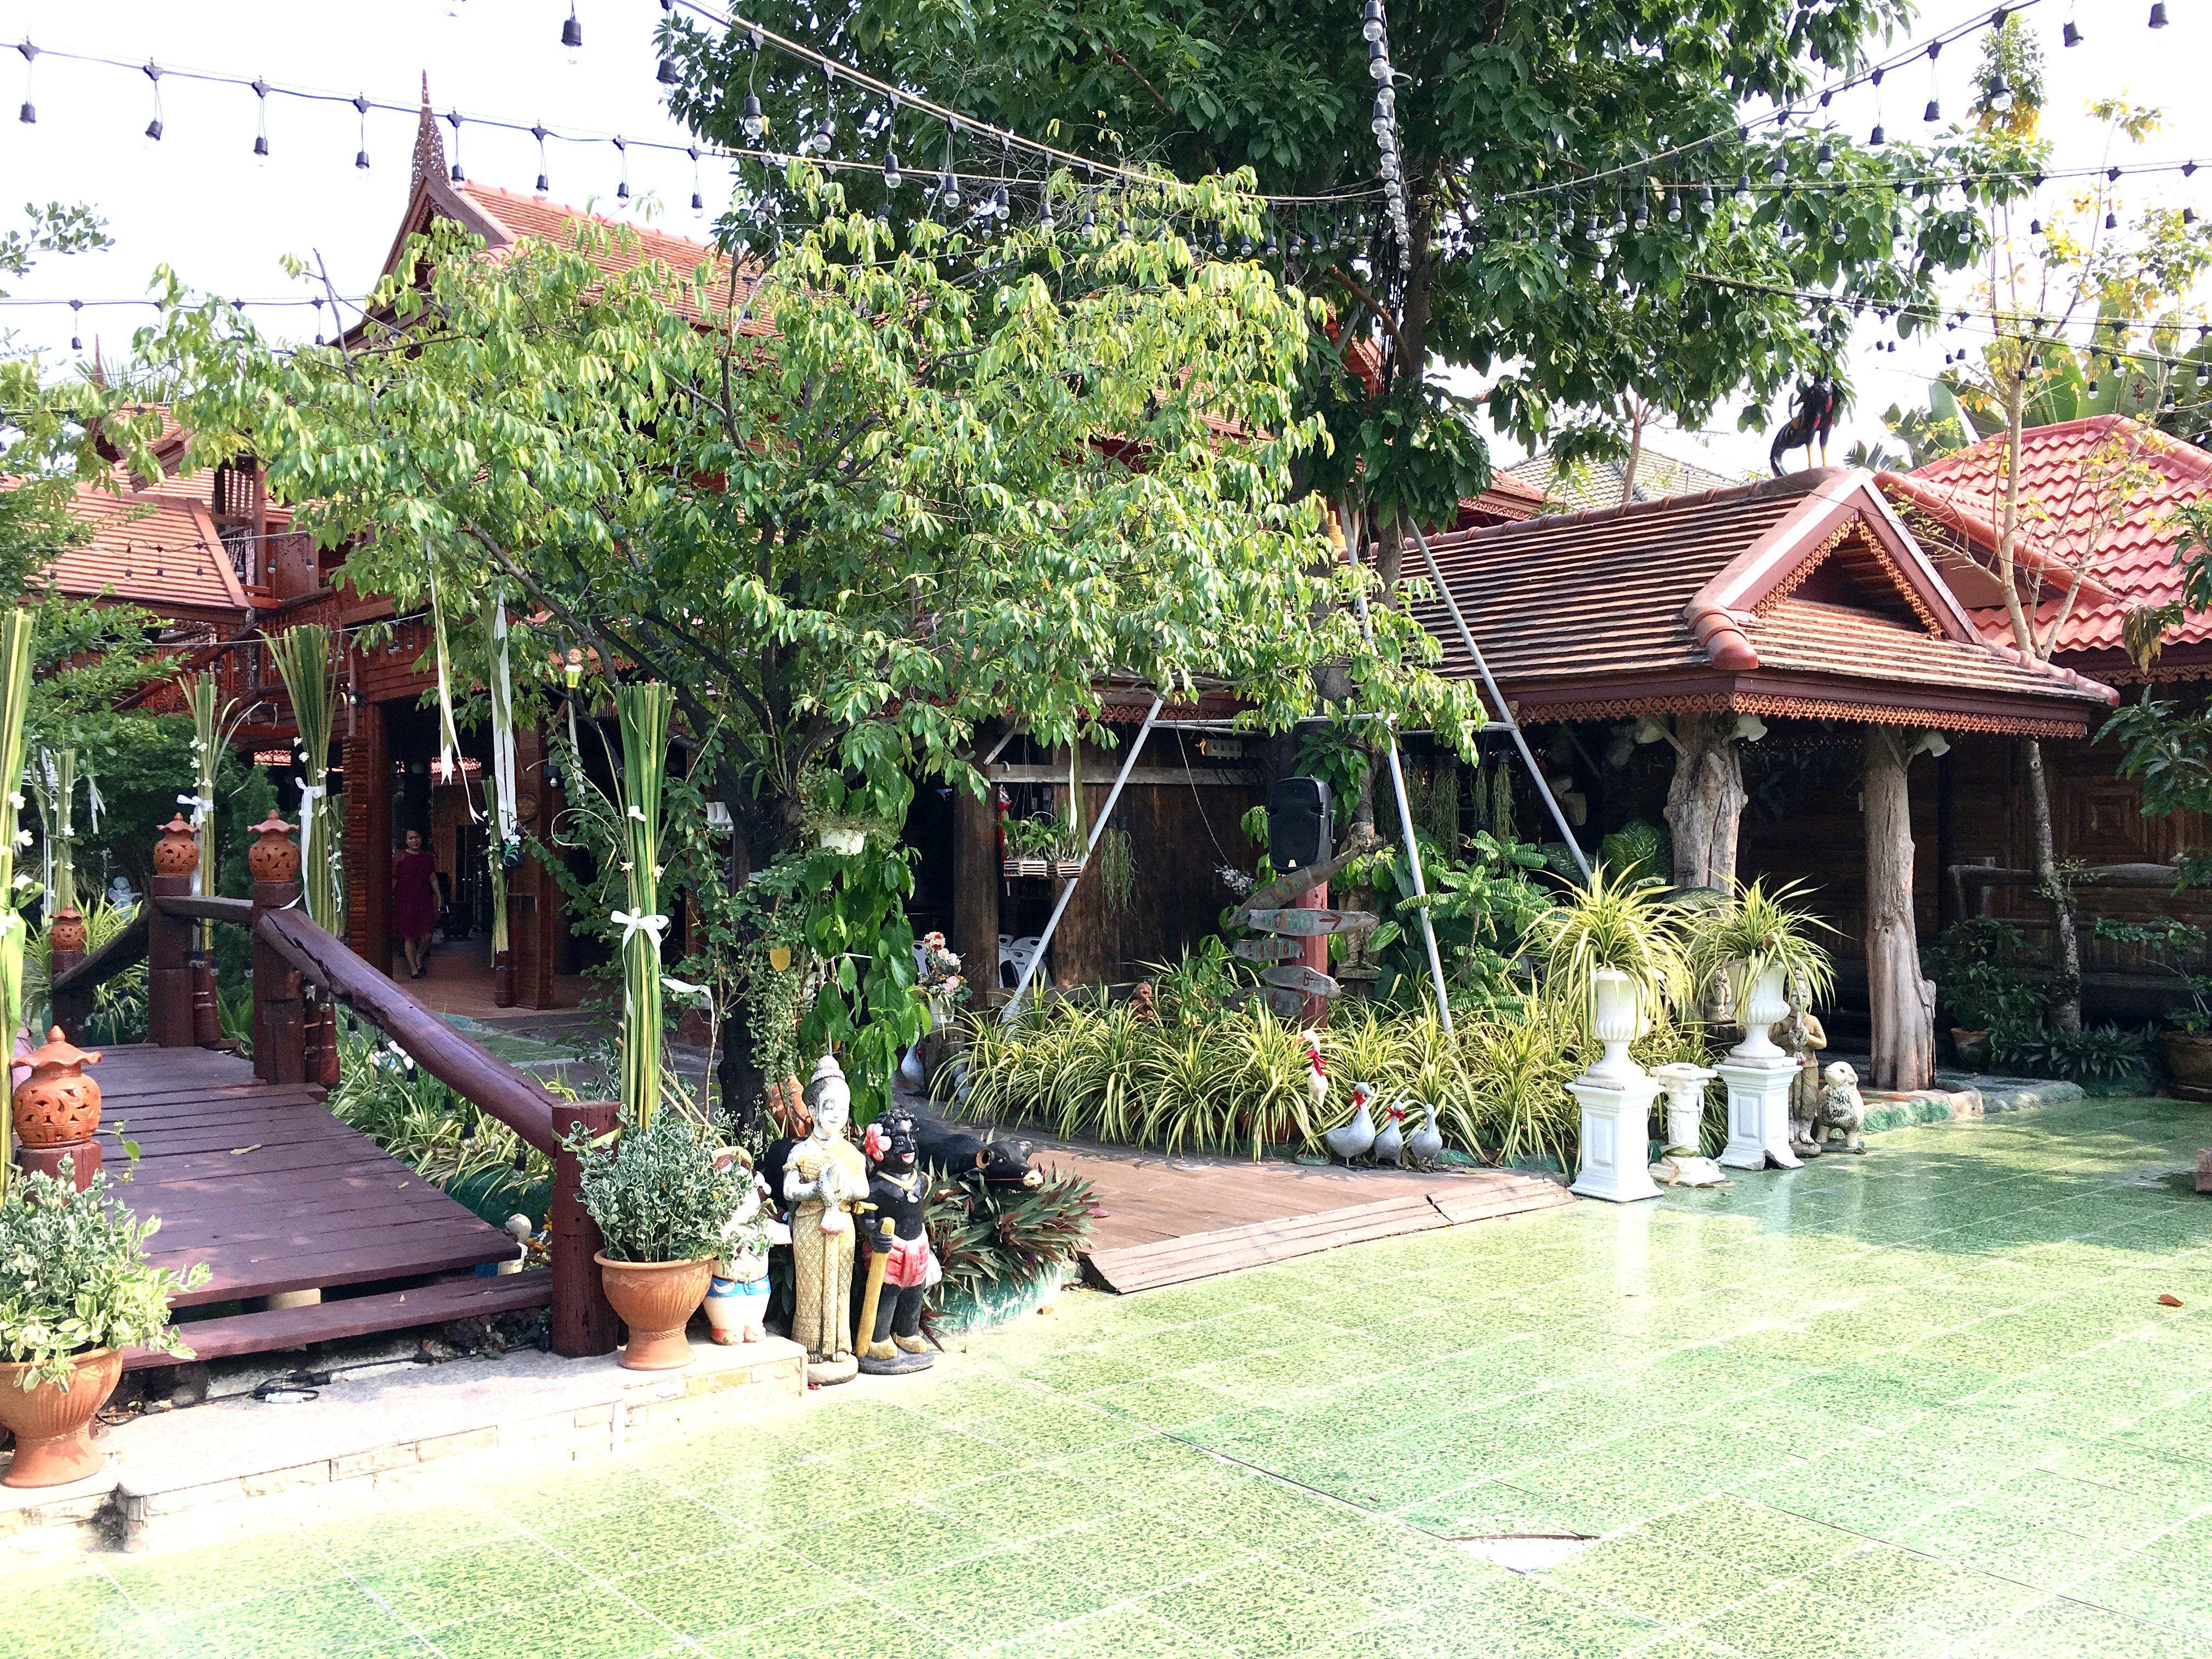 ドンムアンのトランジットホテルと早朝・深夜便に使える空港近くのおすすめホテル。 【結論】タイ一択。